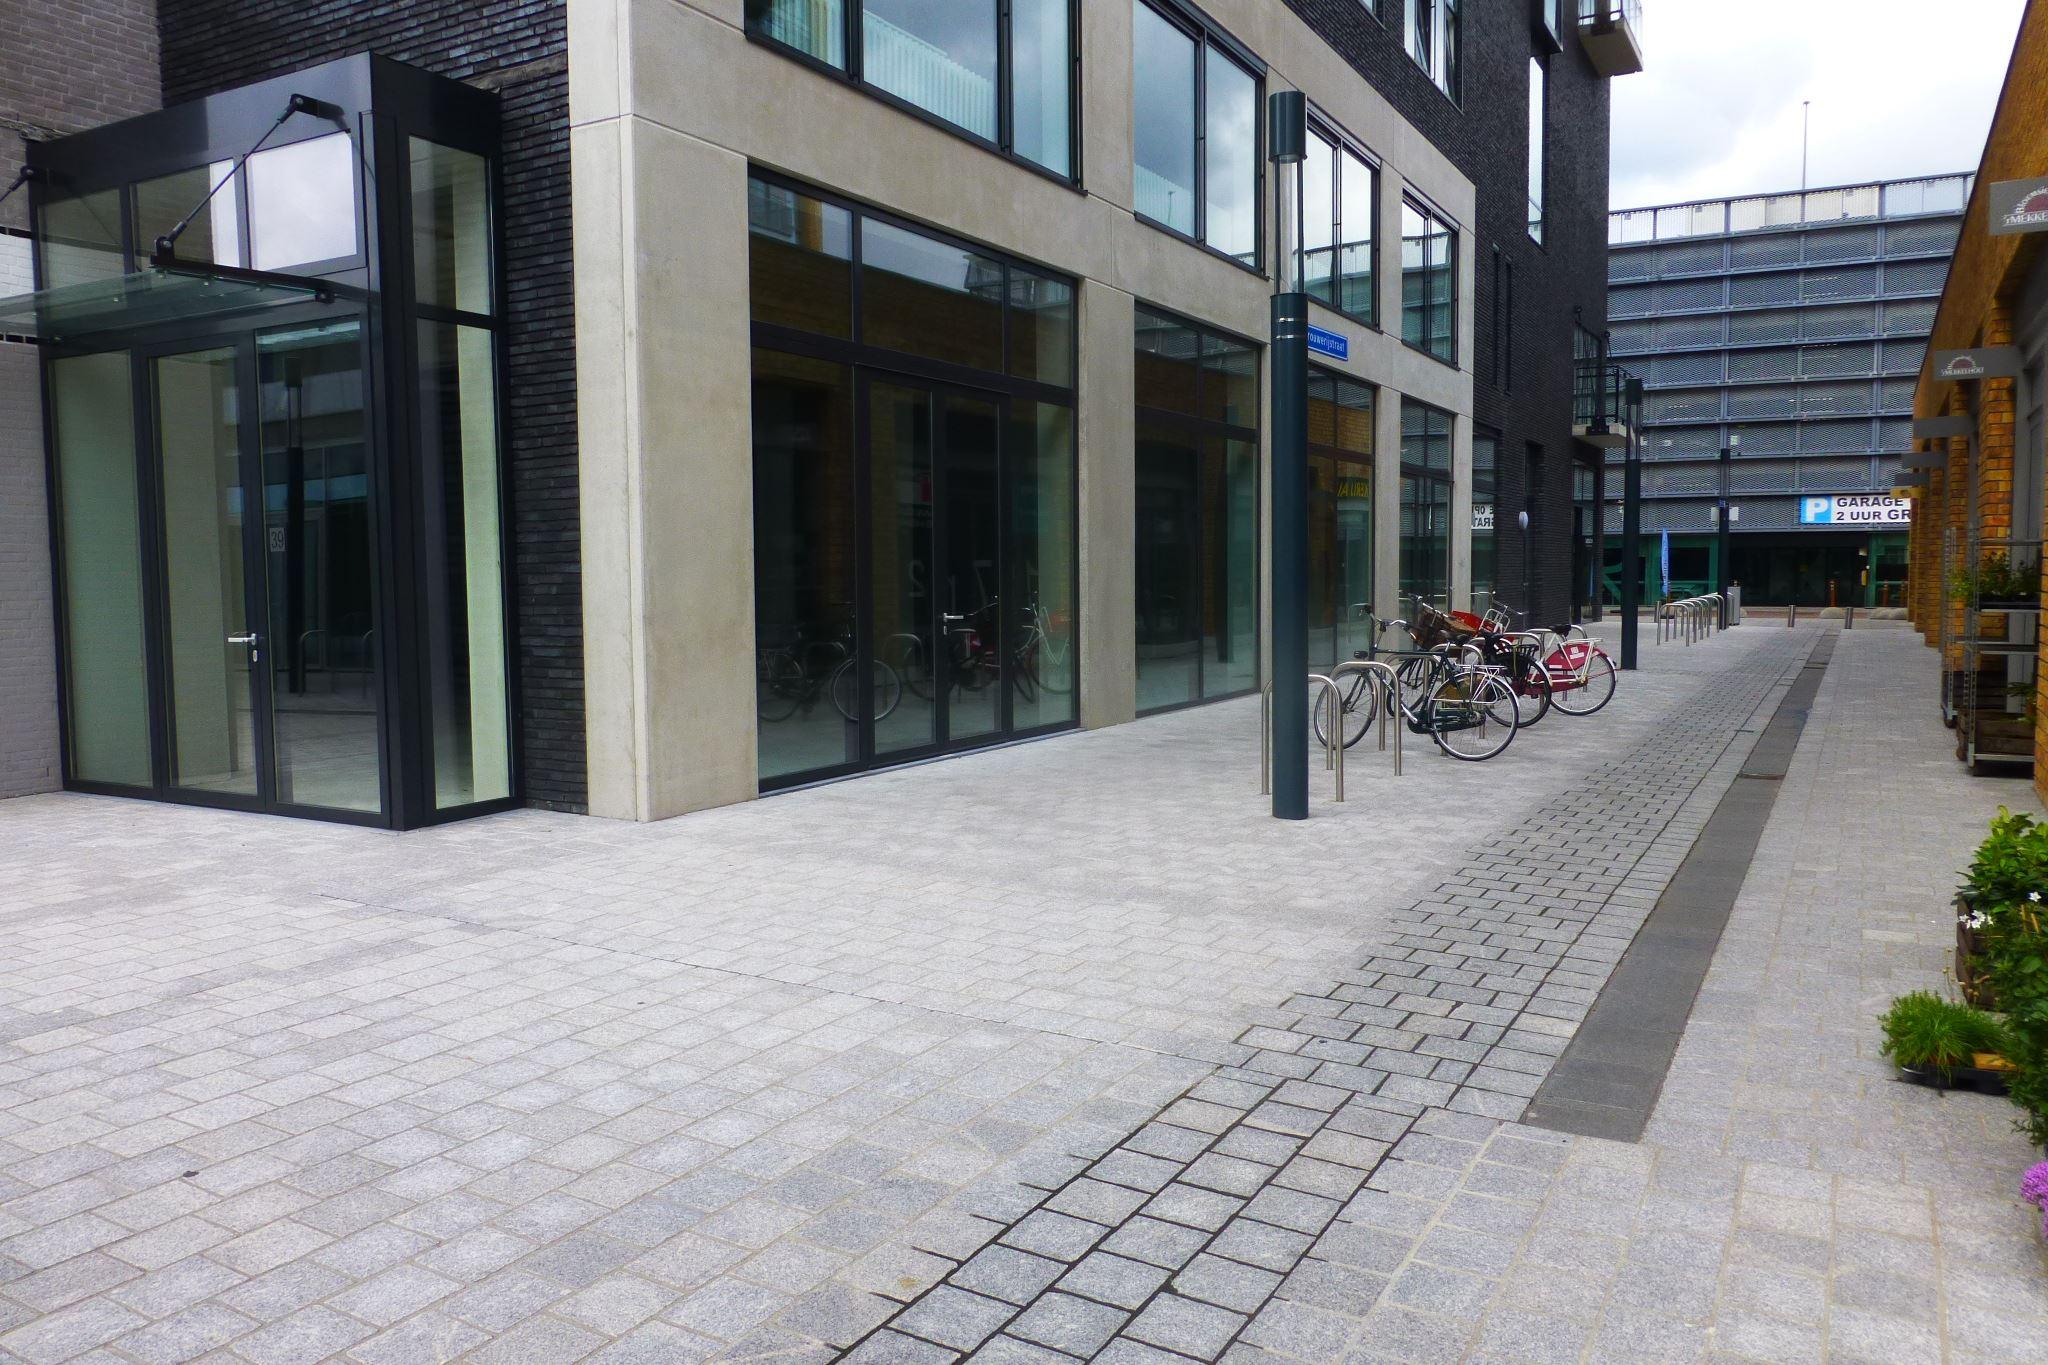 Garage Huren Enschede : Kantoor enschede zoek kantoren te huur brouwerijplein